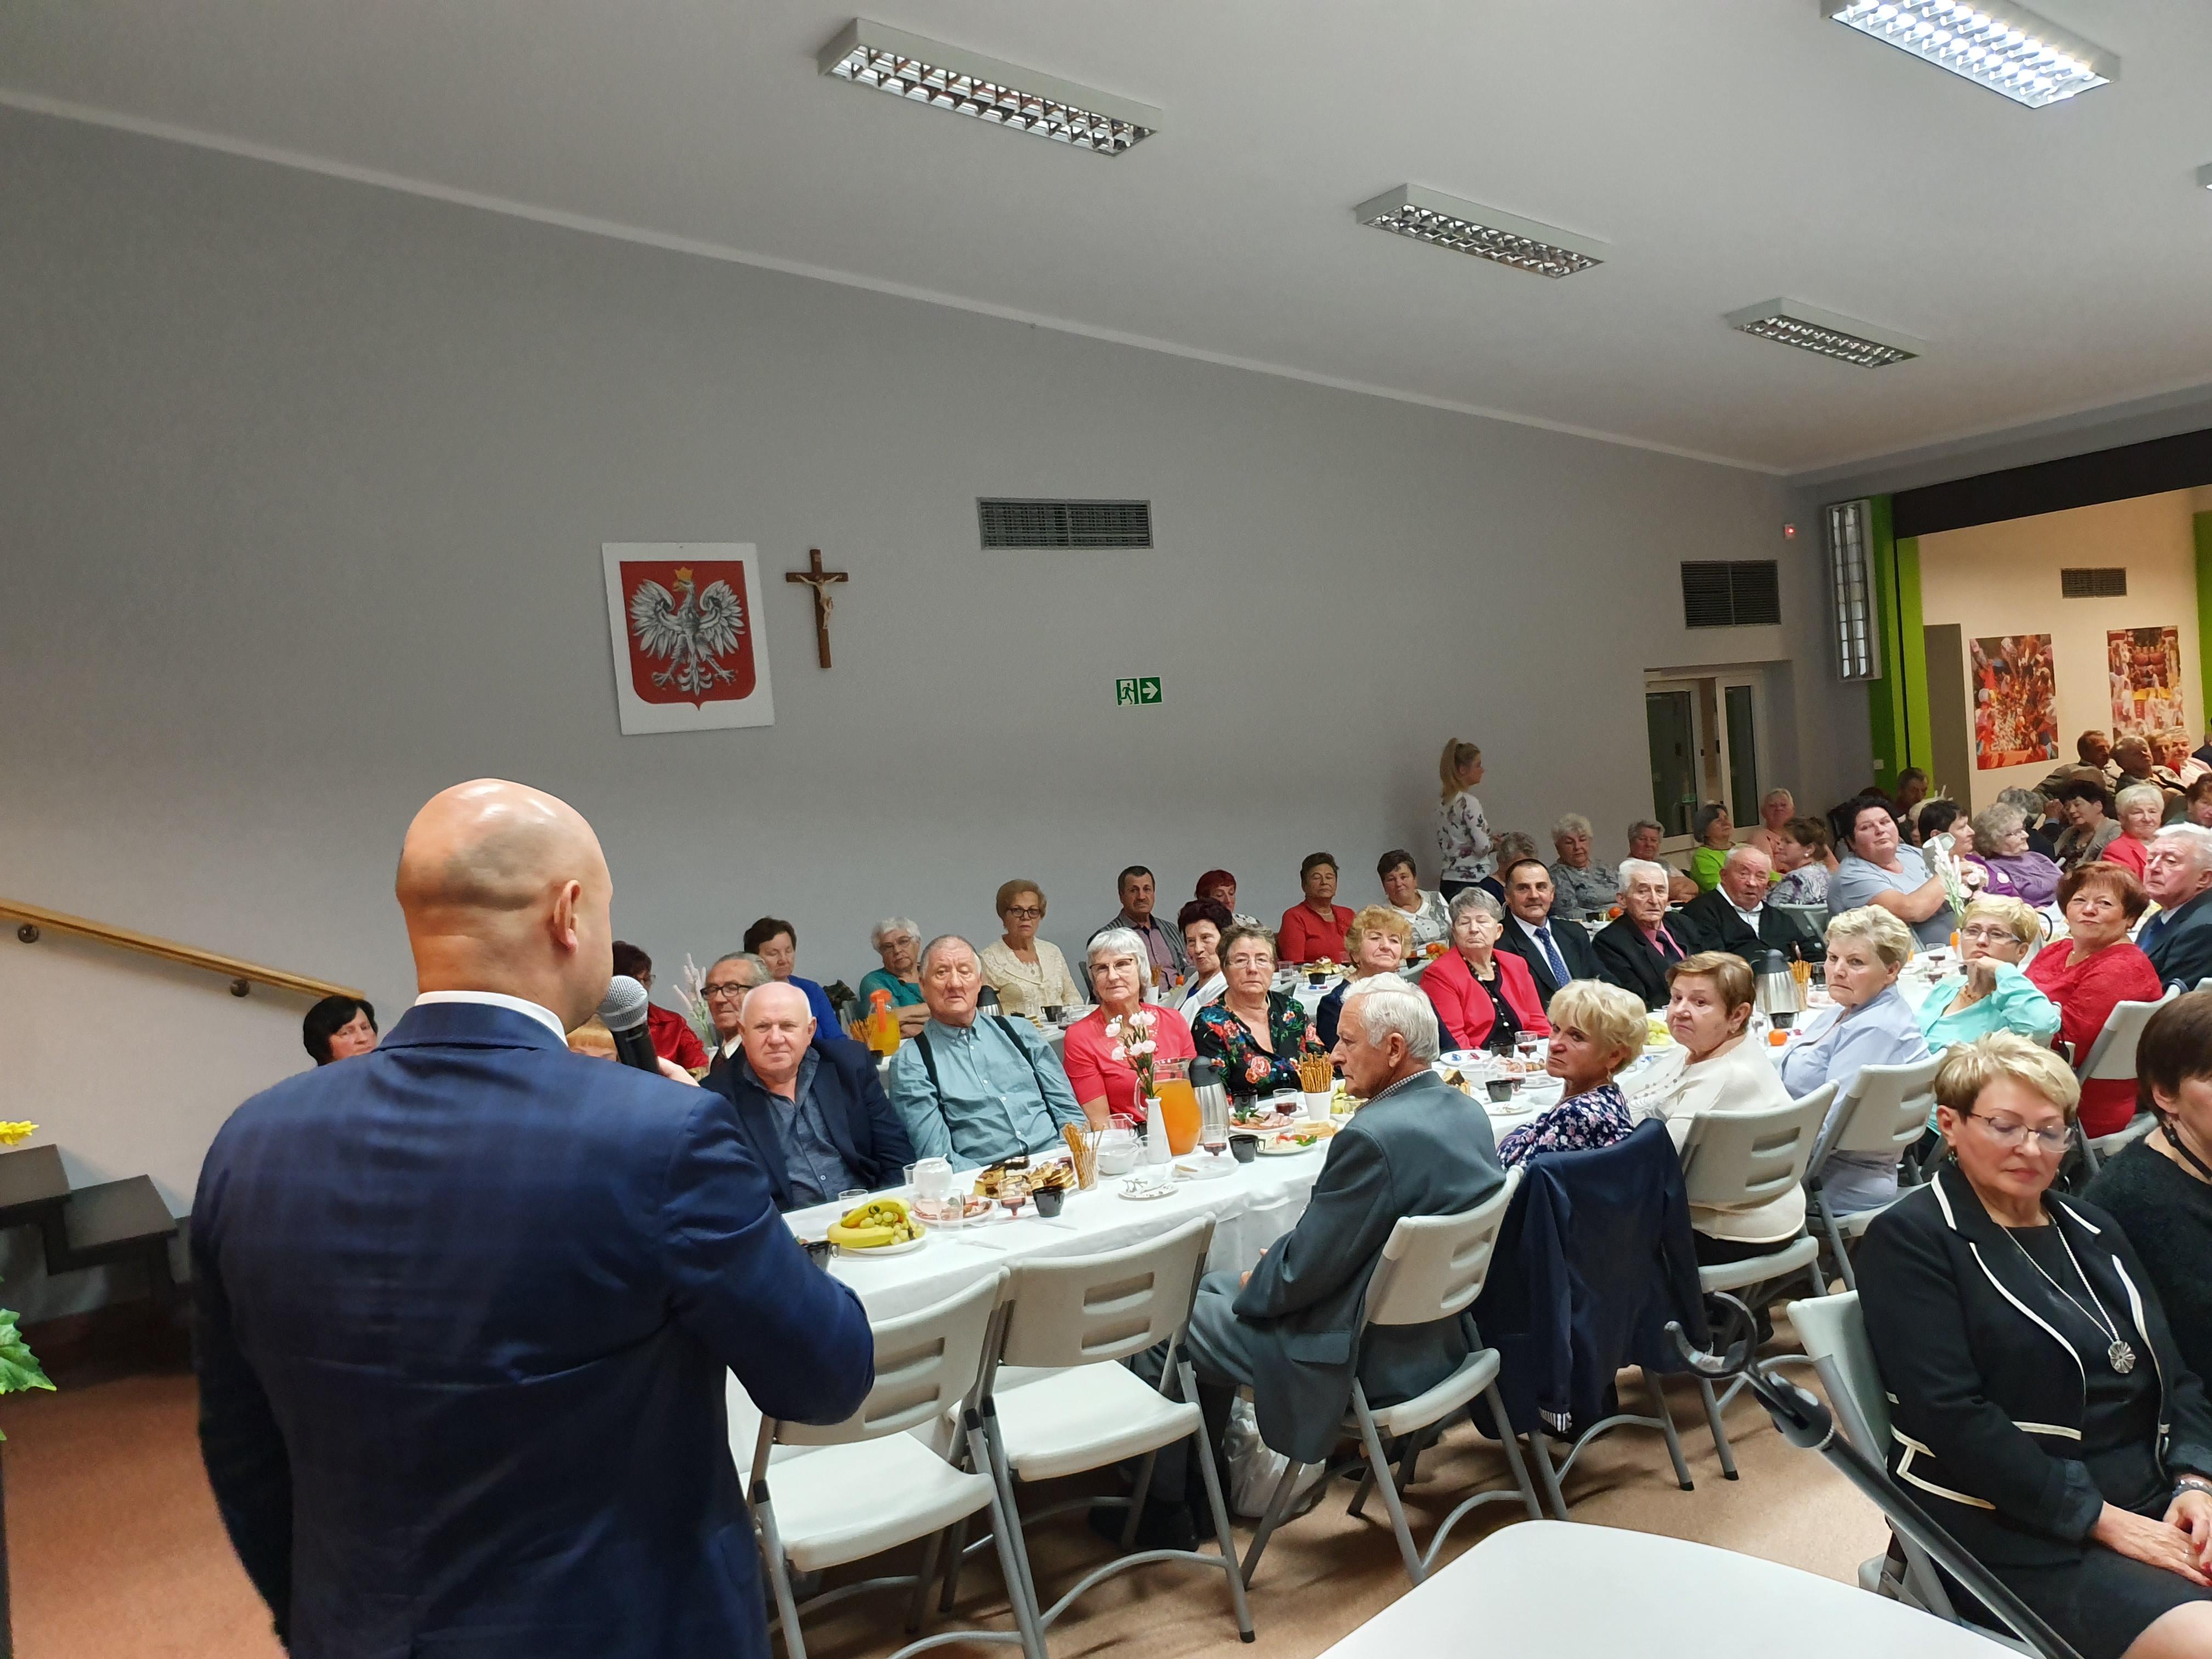 Seniorzy z Gminy Chocianów obchodzili swoje święto